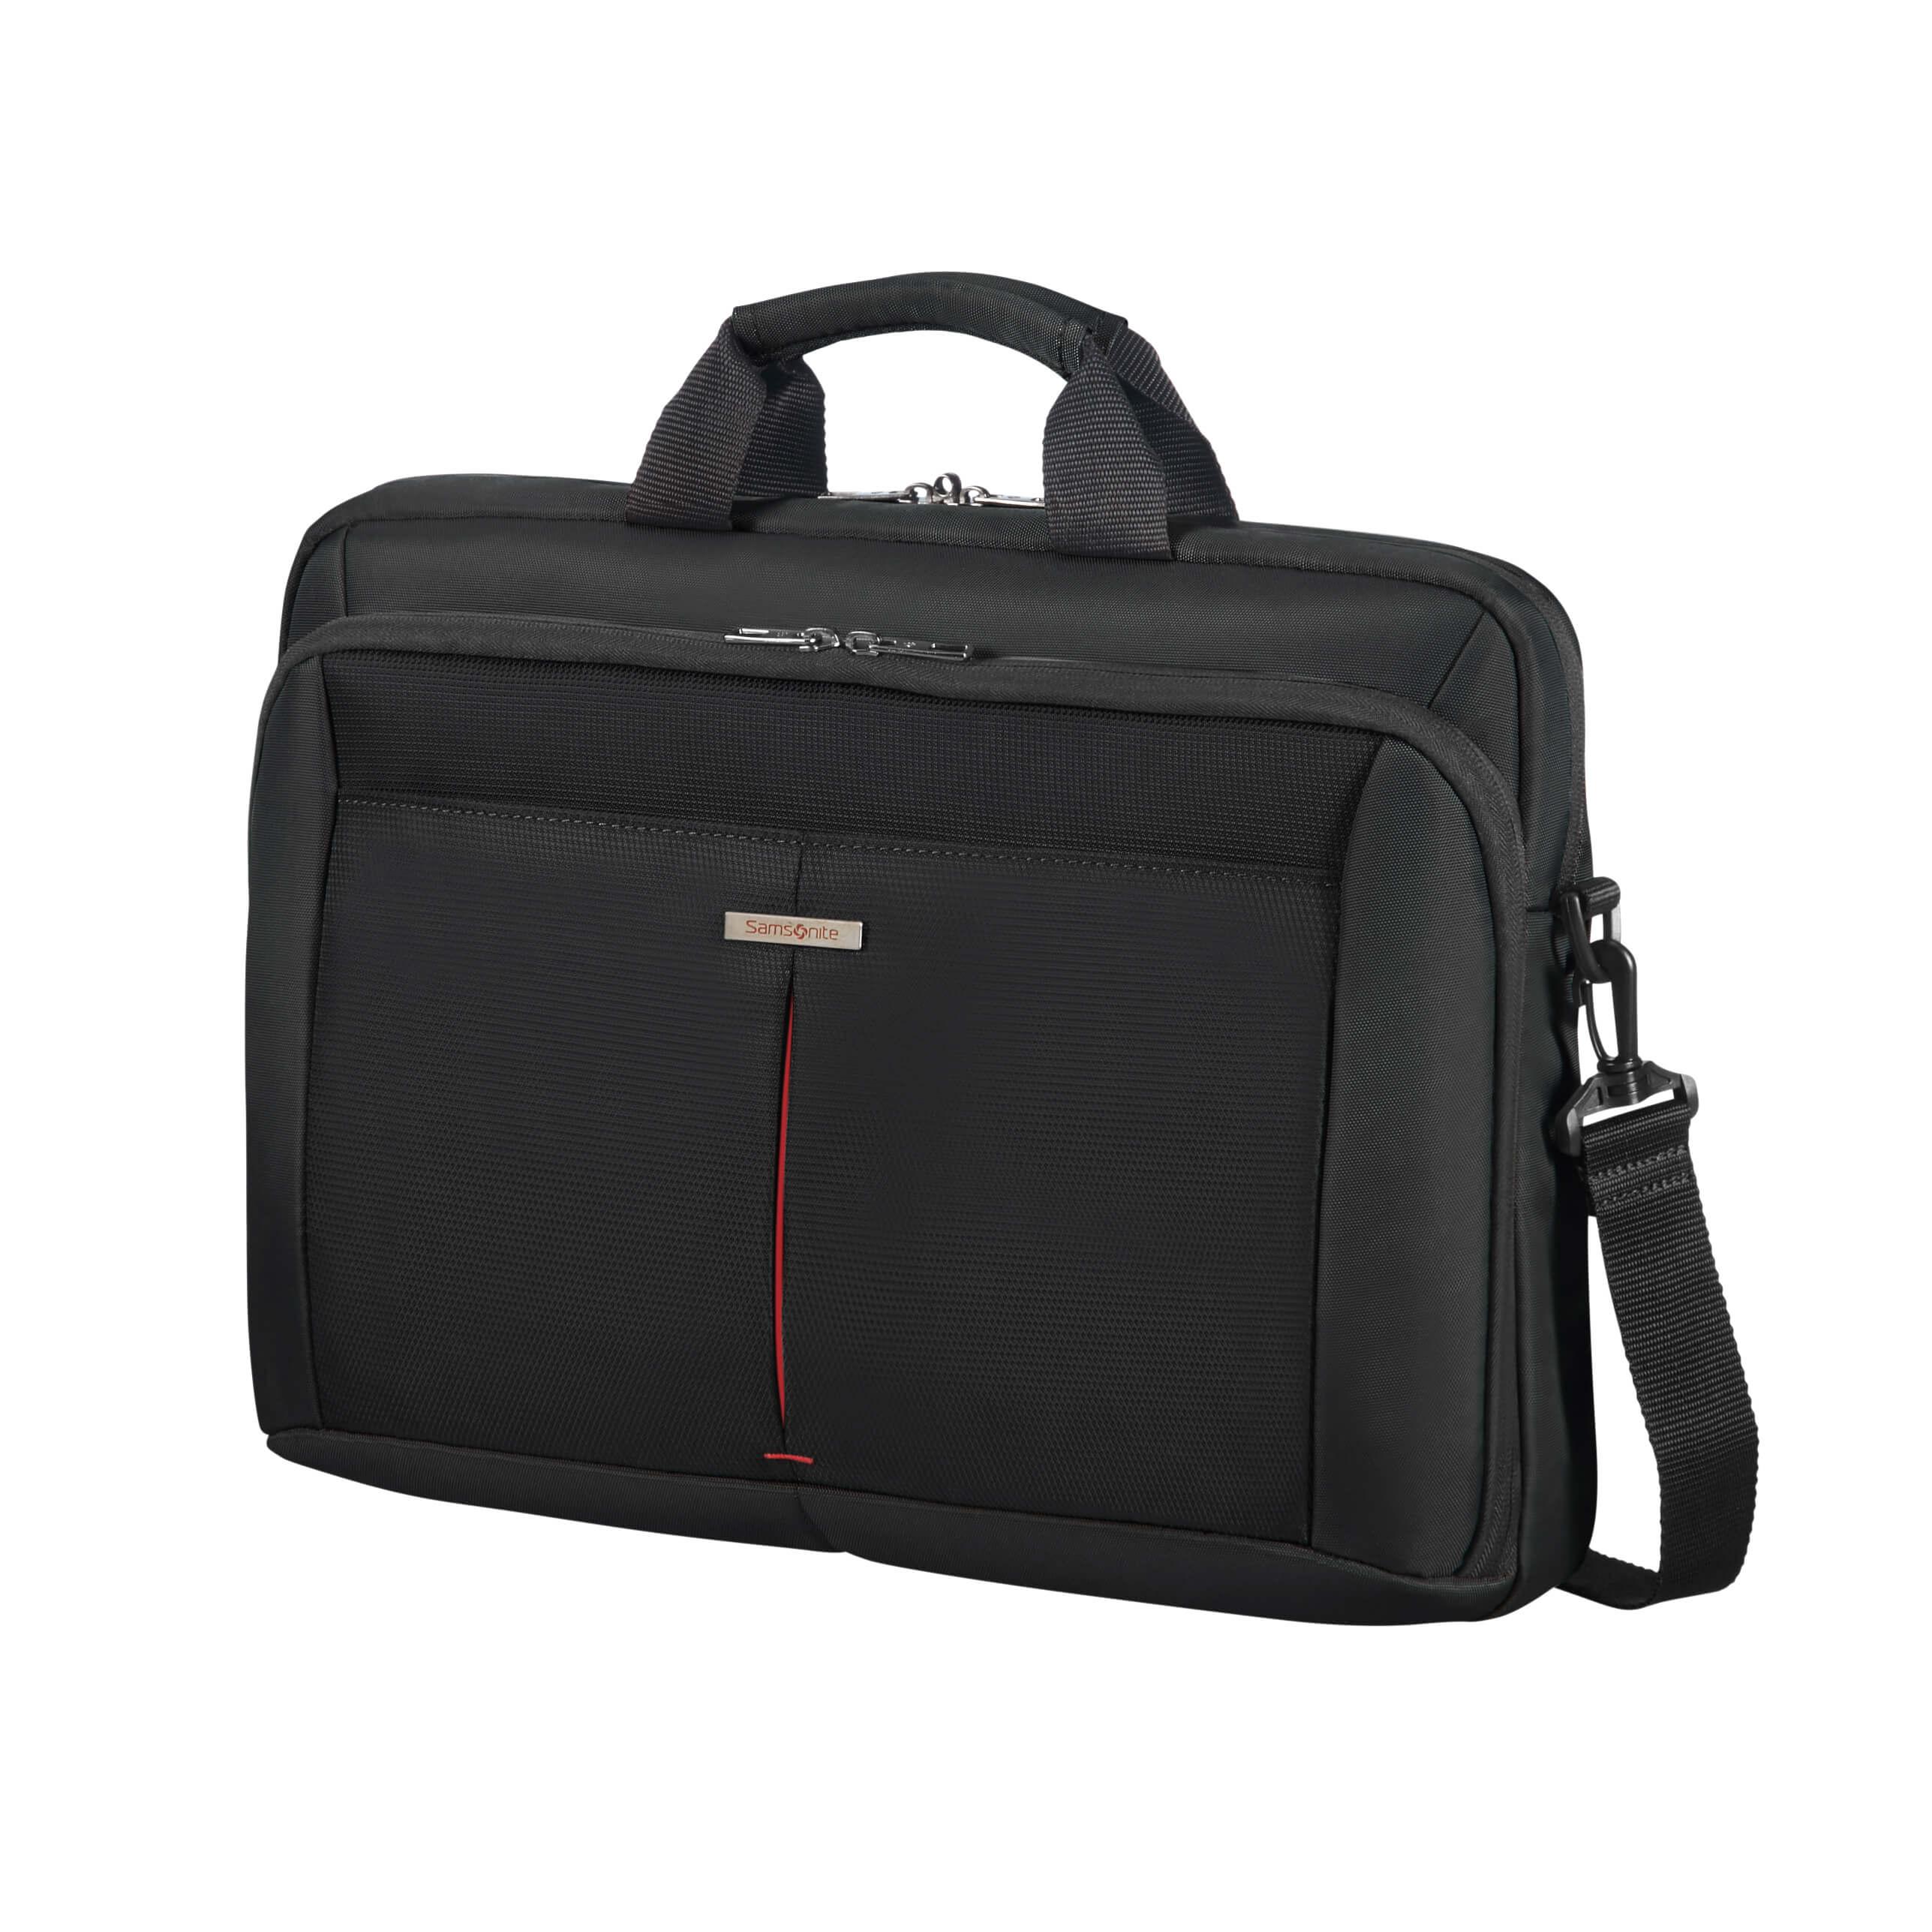 Samsonite Computerbag Guardit 2 17 3 Black Tura